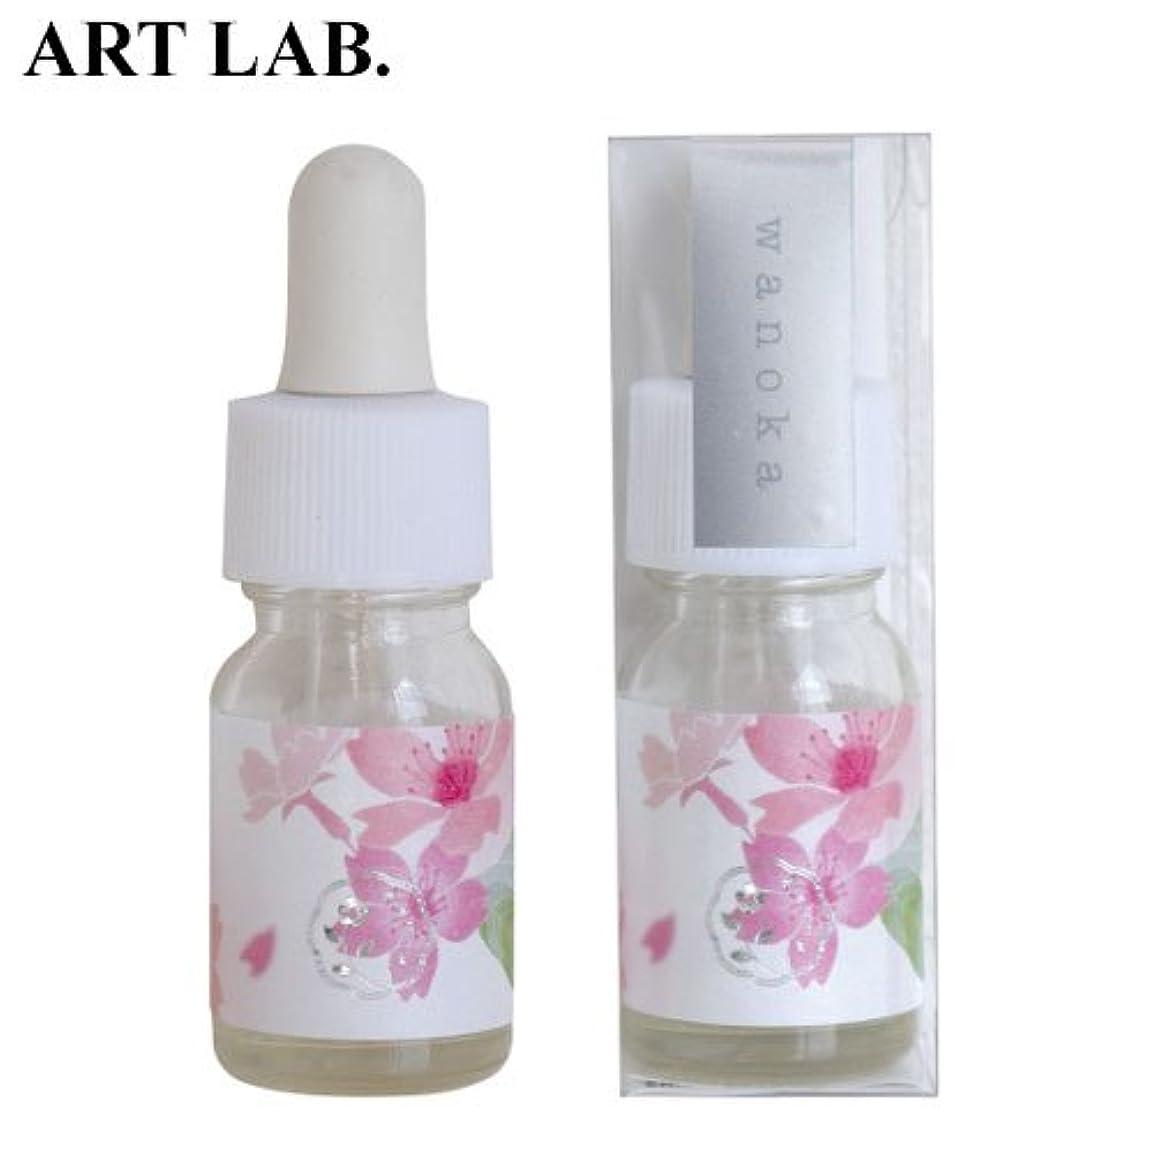 振る舞う表面好意wanoka香油アロマオイル桜《桜をイメージした甘い香り》ART LABAromatic oil